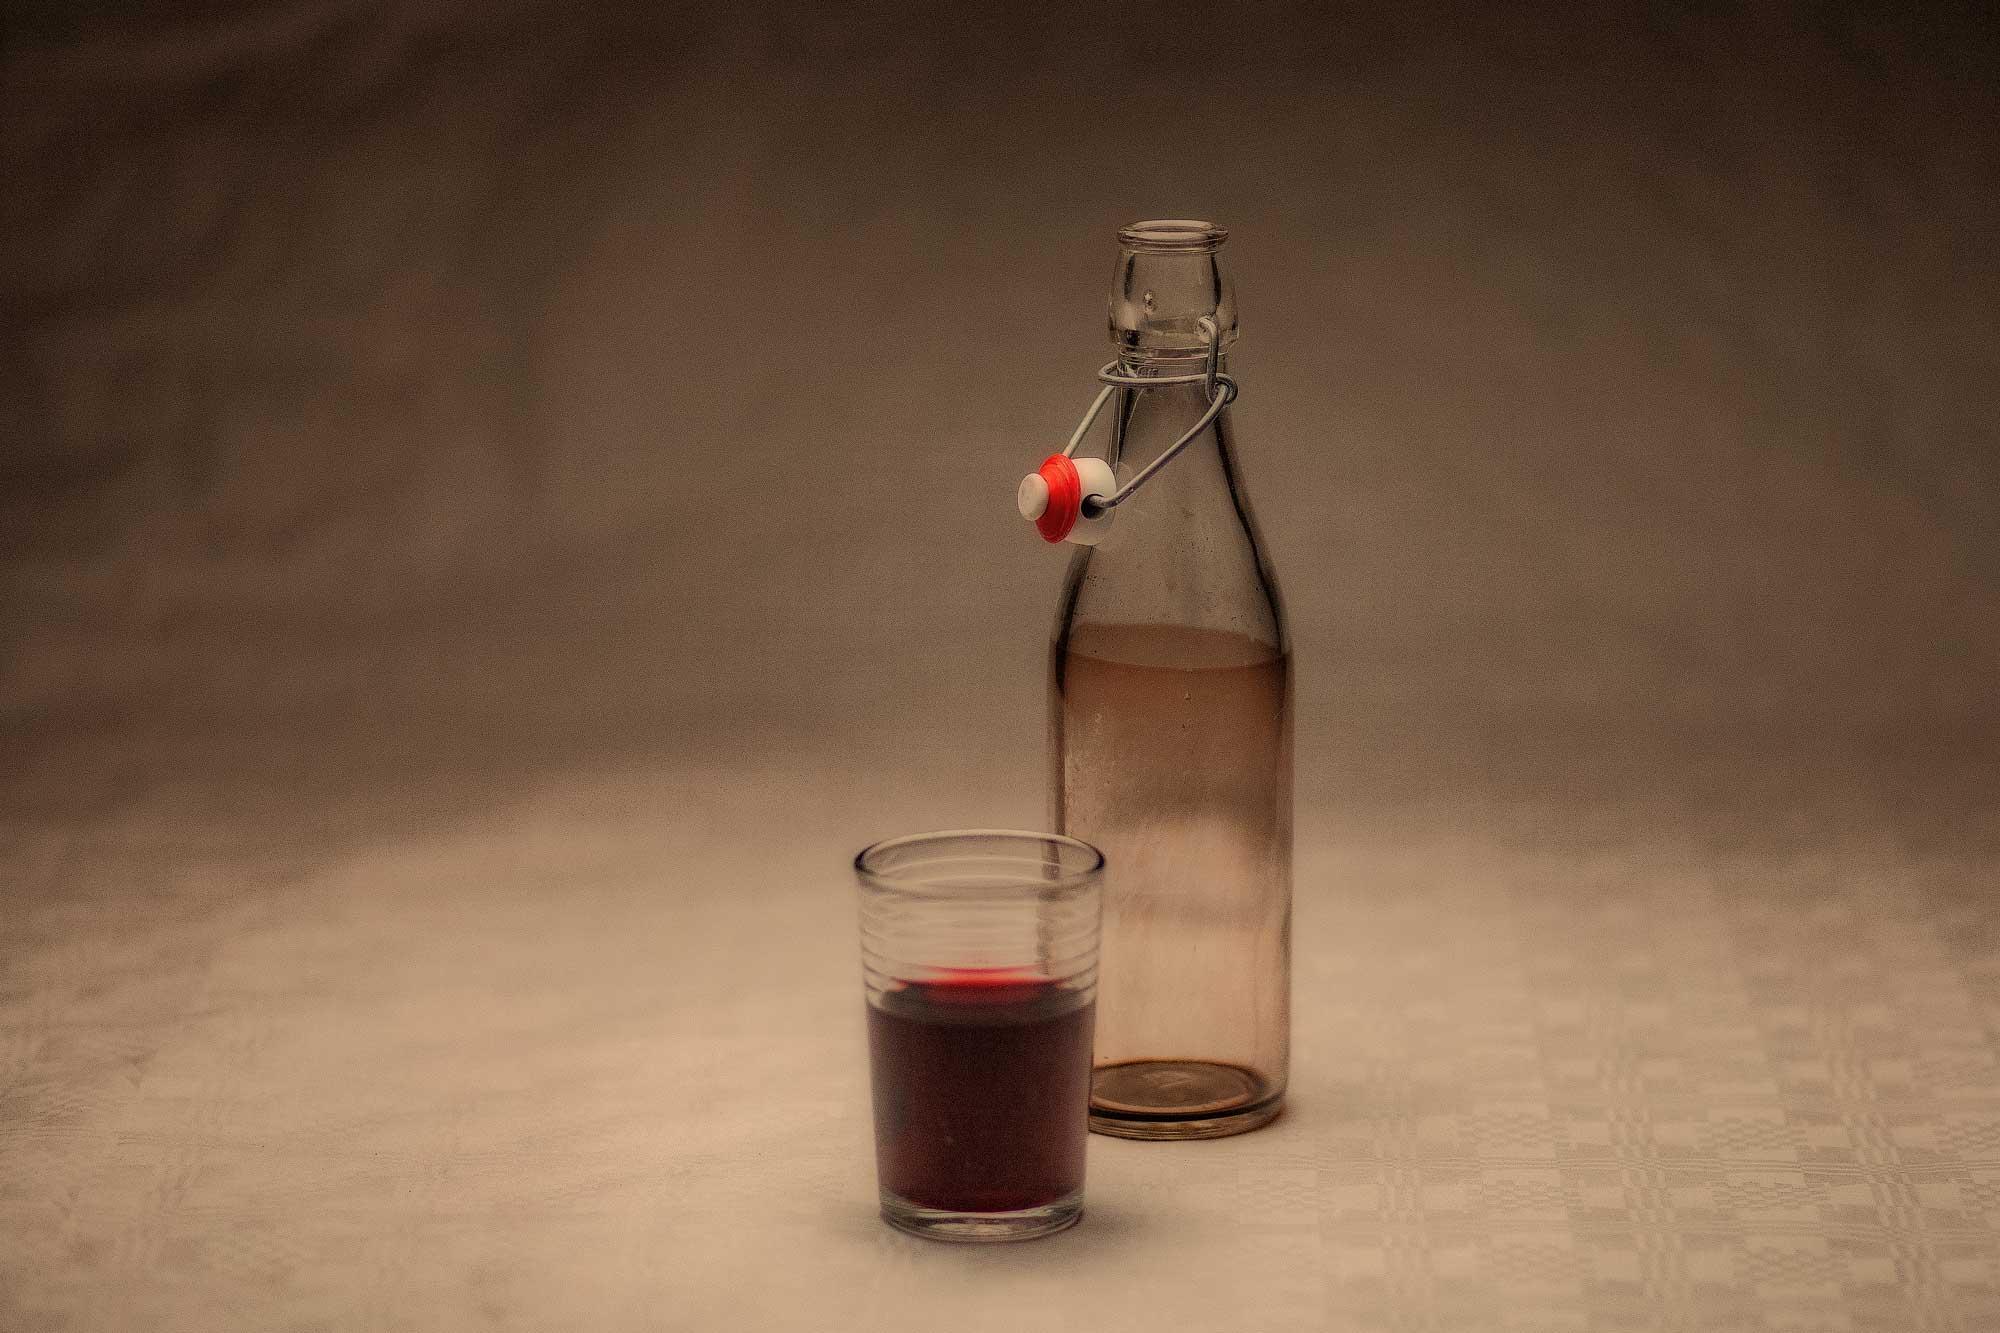 Walnusswein, vin de noix, vino alle noci